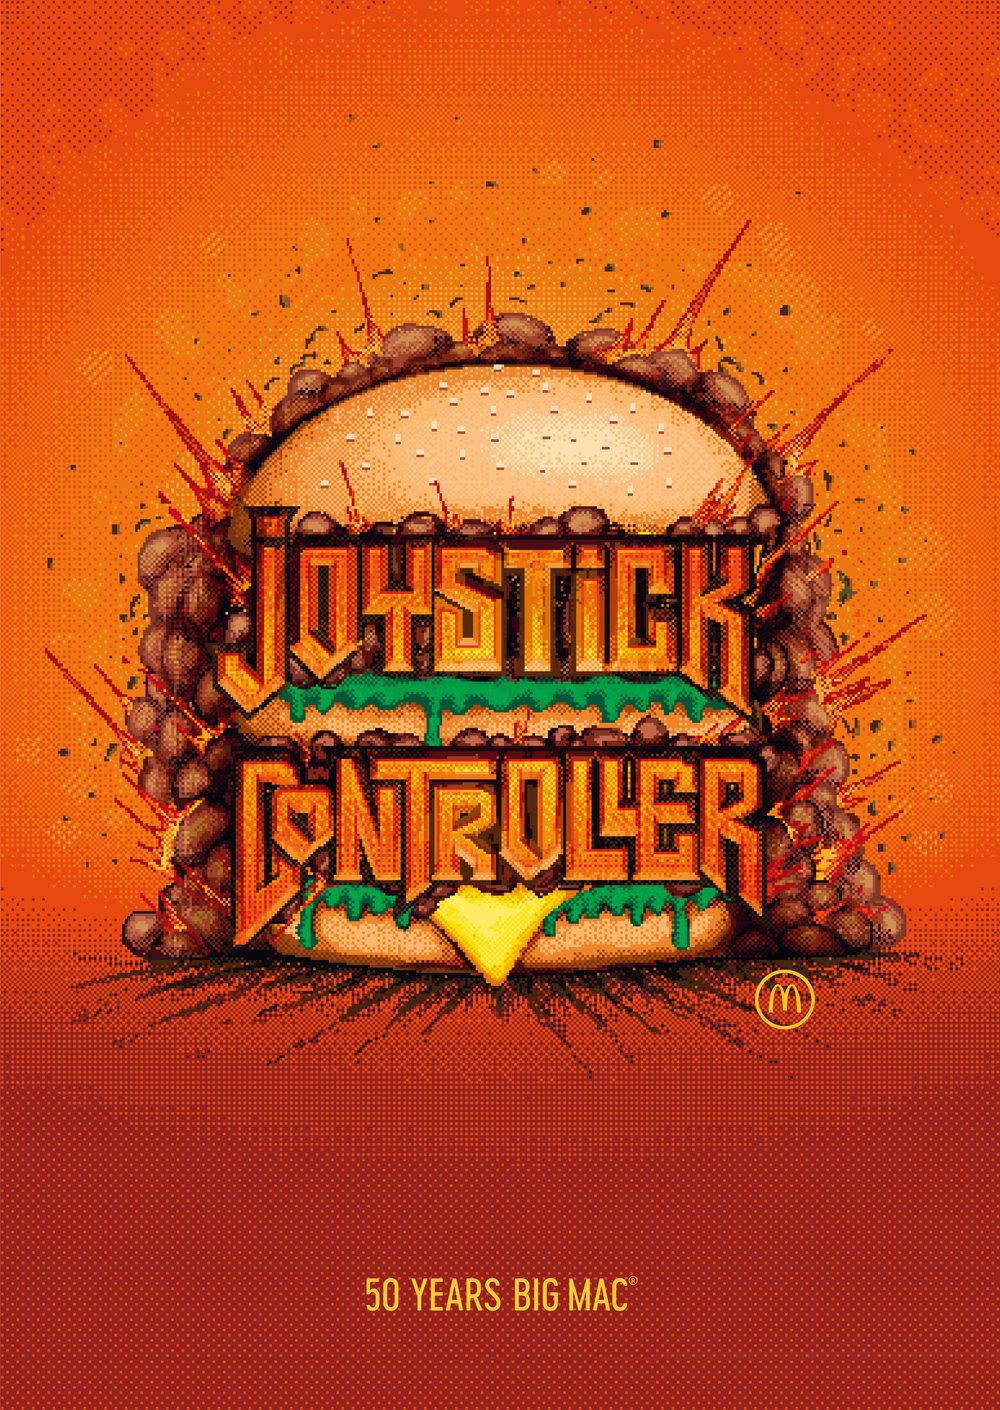 4_Joystick:Controller.jpg